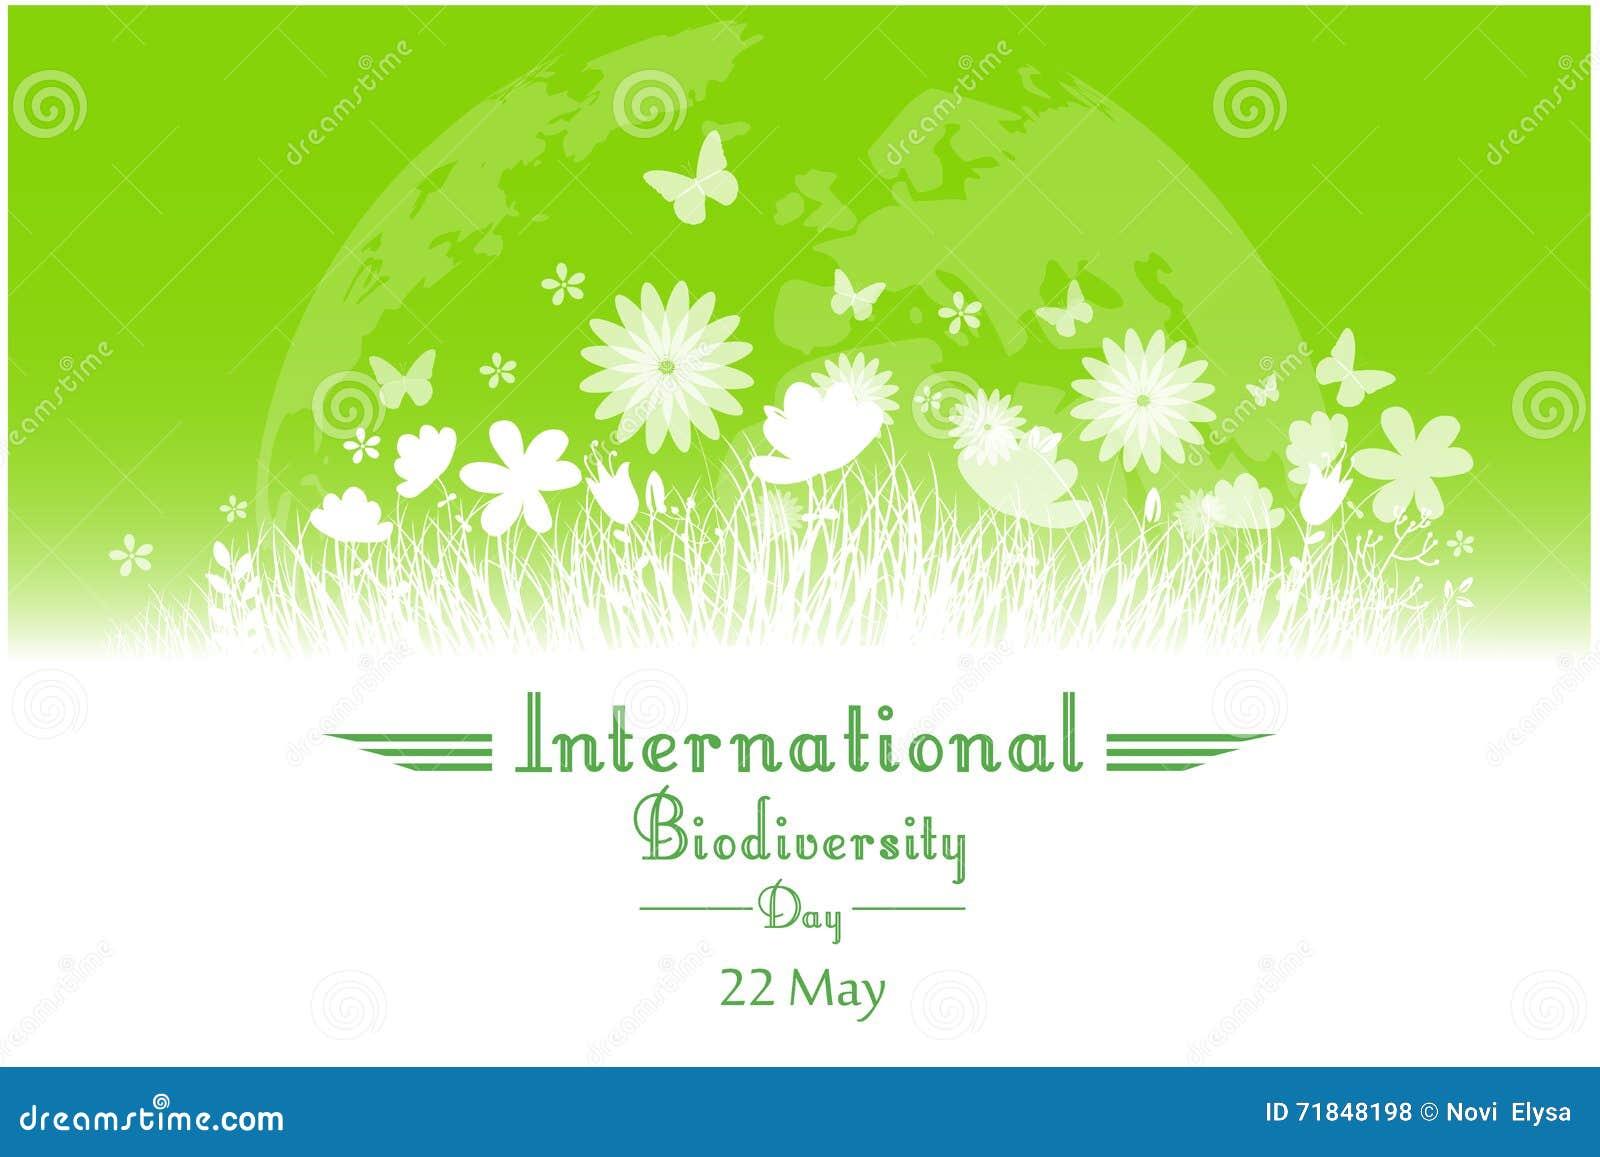 Διεθνές υπόβαθρο ημέρας βιοποικιλότητας με το λουλούδι, τις πεταλούδες και τη σκιαγραφία χλόης